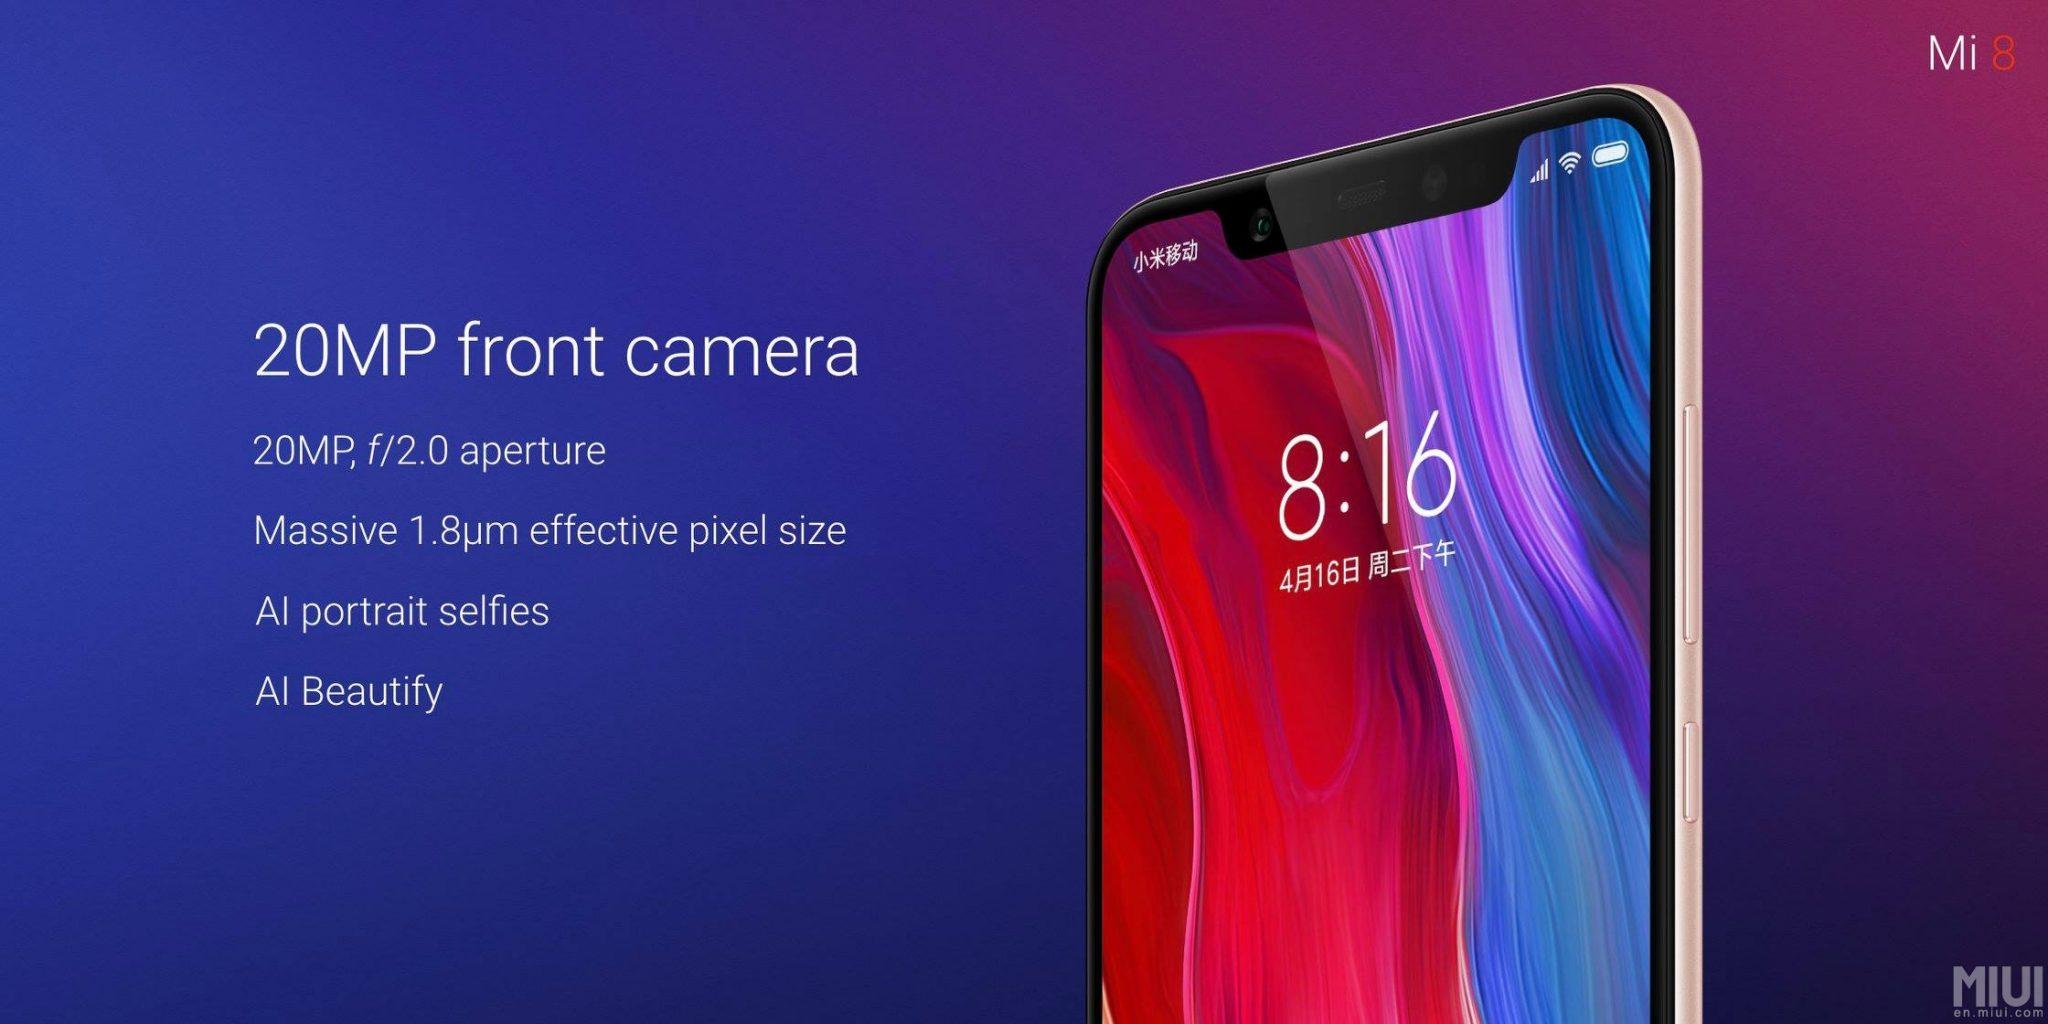 Xiaomi Mi 8 has a 20MP Front camera